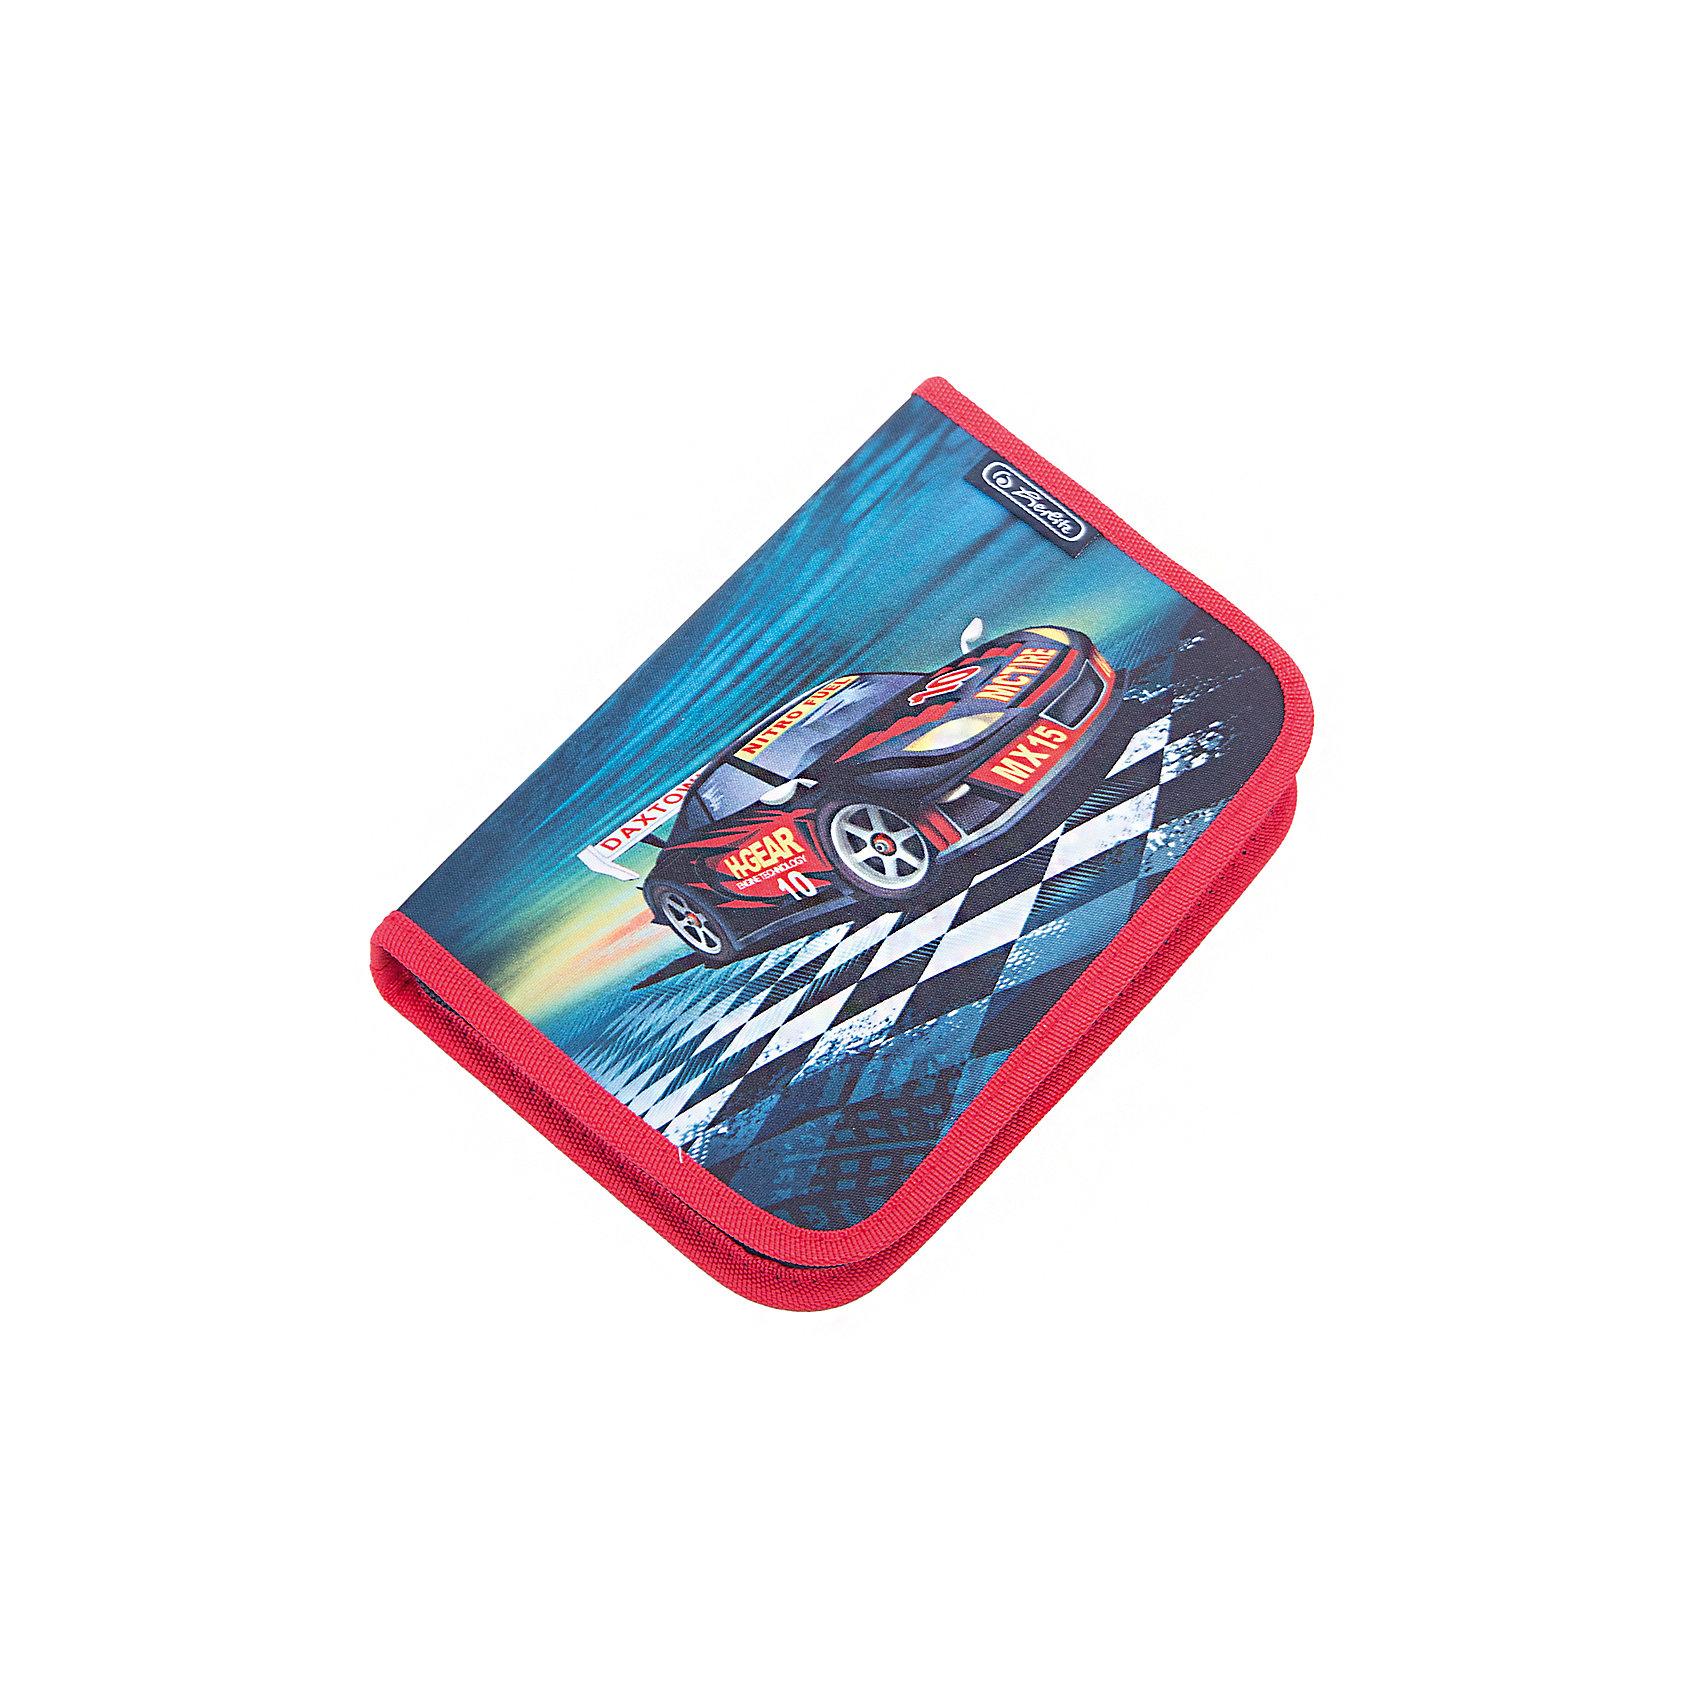 Herlitz Пенал с наполнением 31 предмет, Super RacerПеналы с наполнением<br>Пенал с наполнением Super Racer<br>31 предмет<br>Описание:<br>- 20,5х14х3,5<br>- 1 отделение, 2 откидные створки<br>- прочный кант, жесткая обложка<br>Наполнение:<br>- 1 шариковая ручка,<br>- 2 чернографитных карандаша,<br>- 8 цветных карандашей, 14 фломастеров<br>- линейка и угольник, ластик и точилка,<br>- расписание уроков на русском языке,<br>- личные данные ученика<br><br>Ширина мм: 140<br>Глубина мм: 205<br>Высота мм: 35<br>Вес г: 326<br>Возраст от месяцев: 72<br>Возраст до месяцев: 120<br>Пол: Мужской<br>Возраст: Детский<br>SKU: 5595079